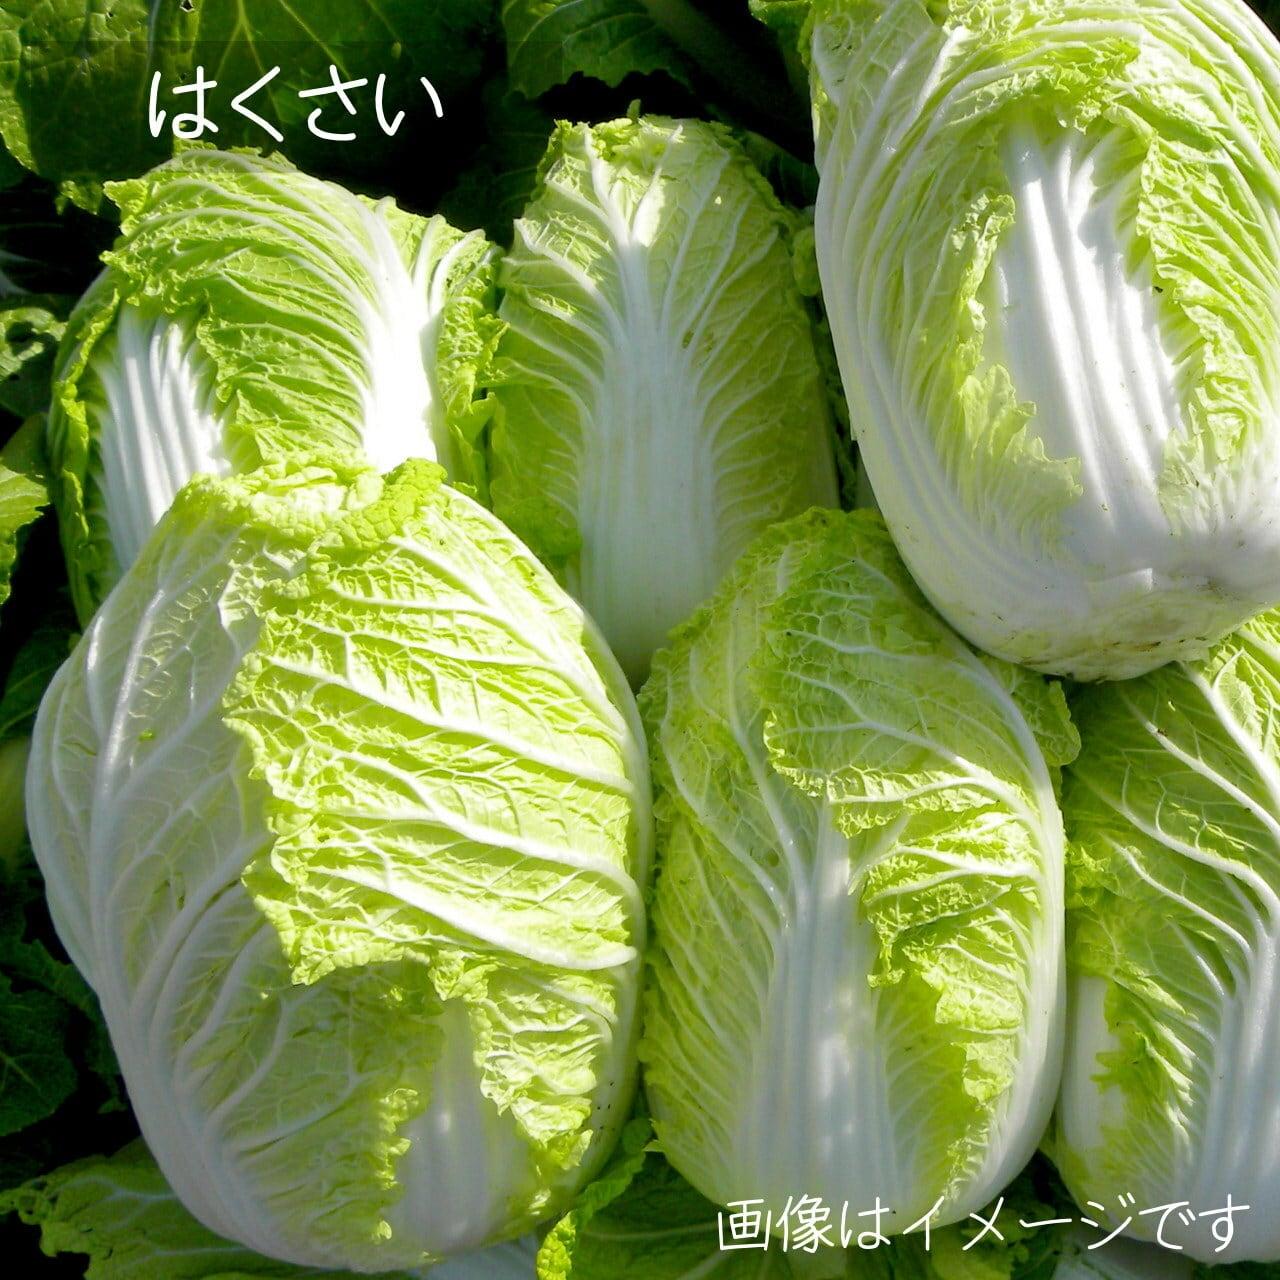 4月の朝採り野菜 白菜 1個 4月27日発送予定